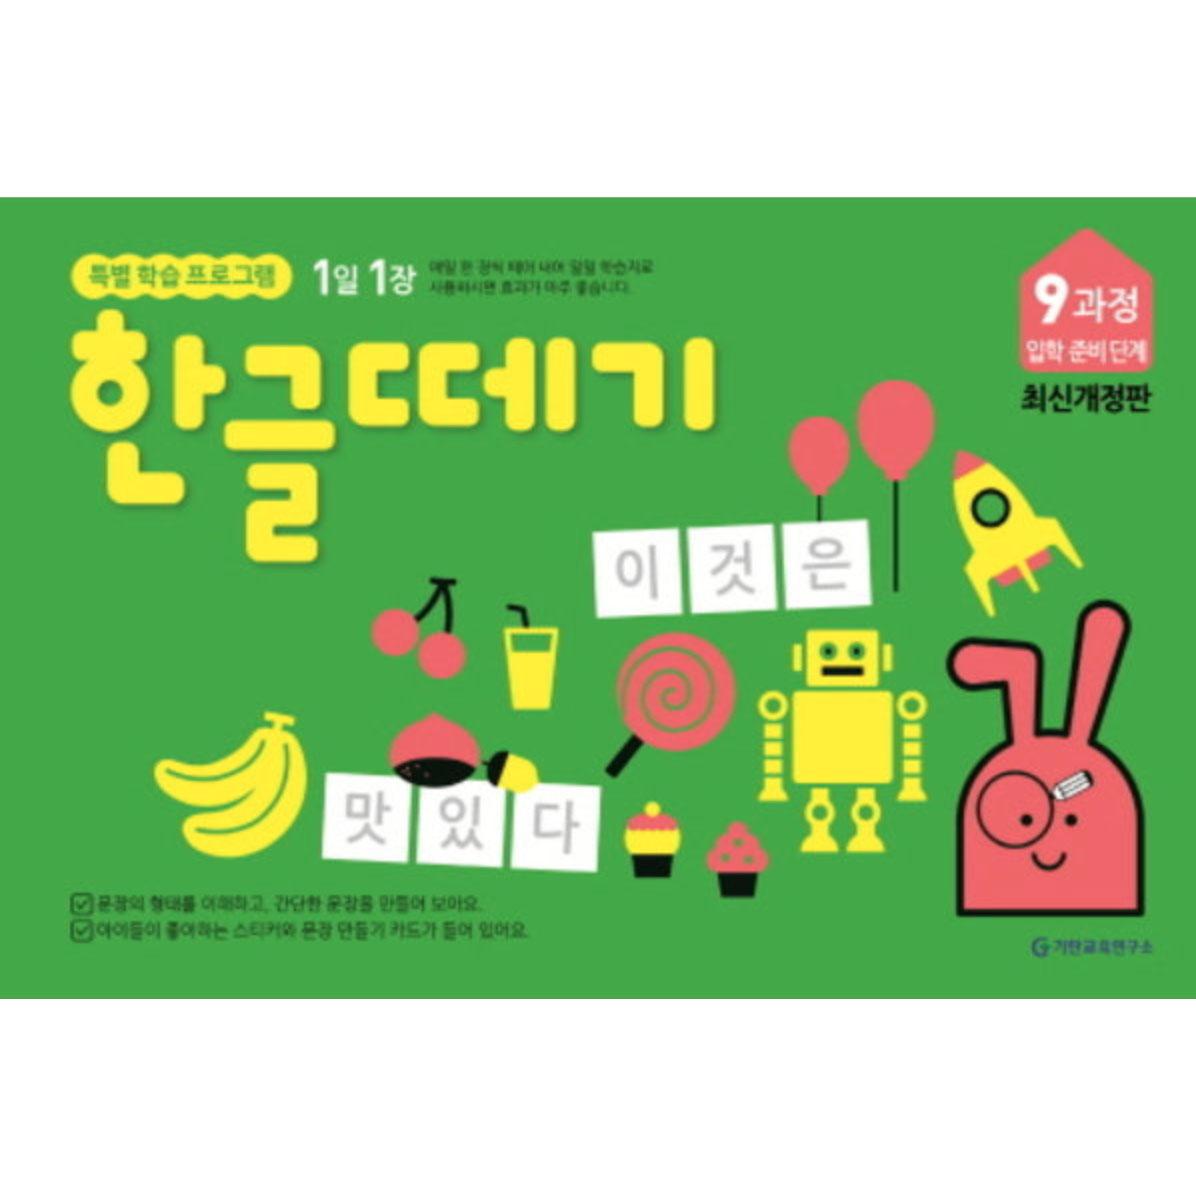 [기탄출판] 1일 1장 한글떼기 – 9과정